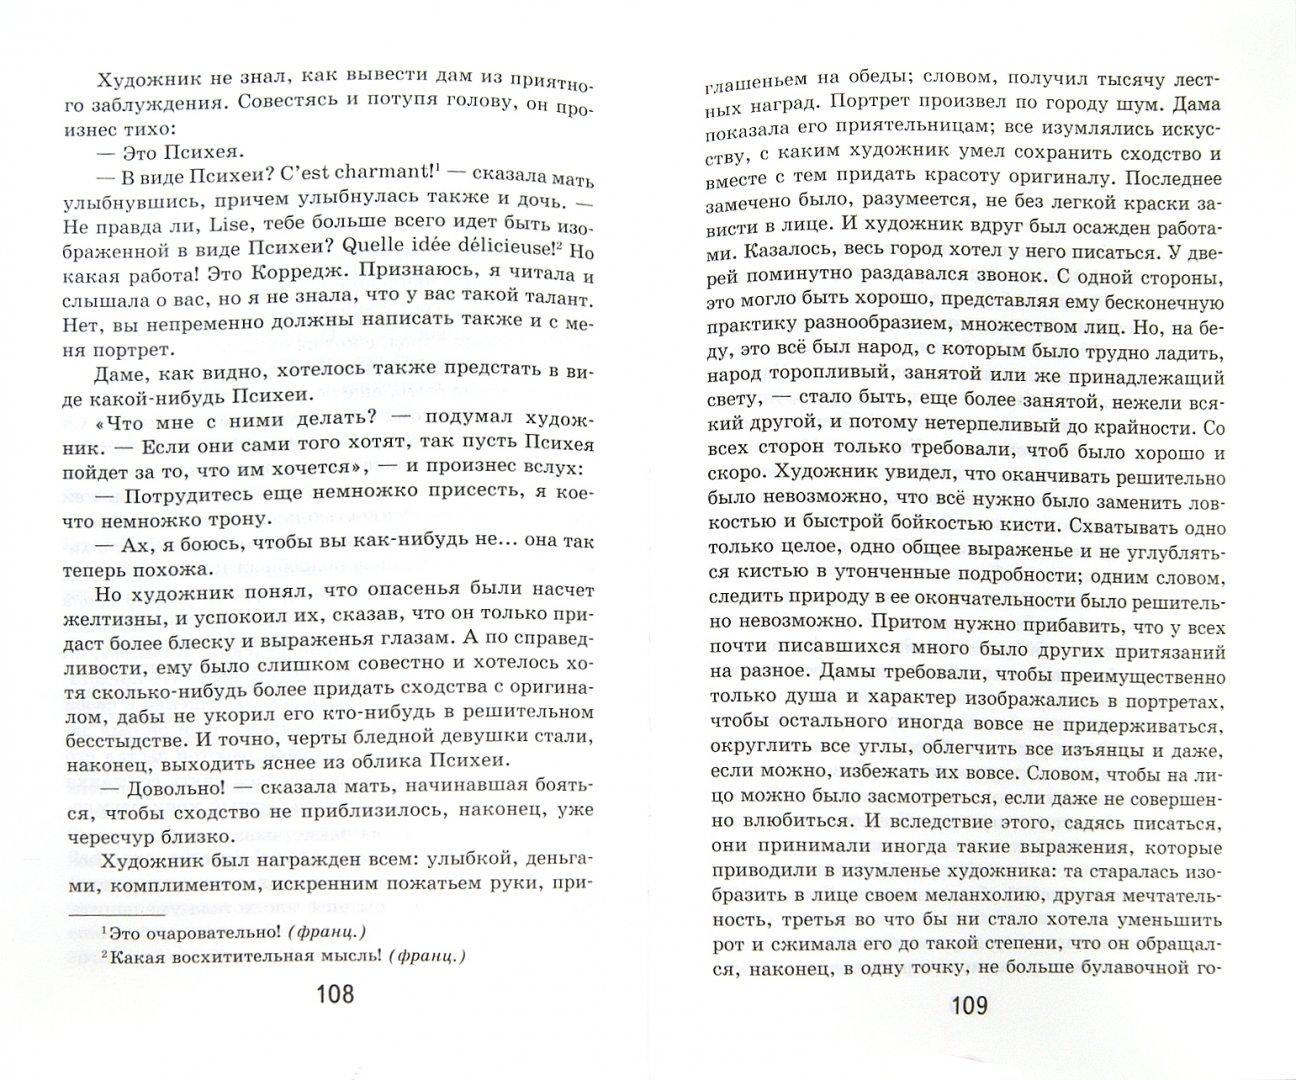 Иллюстрация 1 из 15 для Шинель - Николай Гоголь   Лабиринт - книги. Источник: Лабиринт